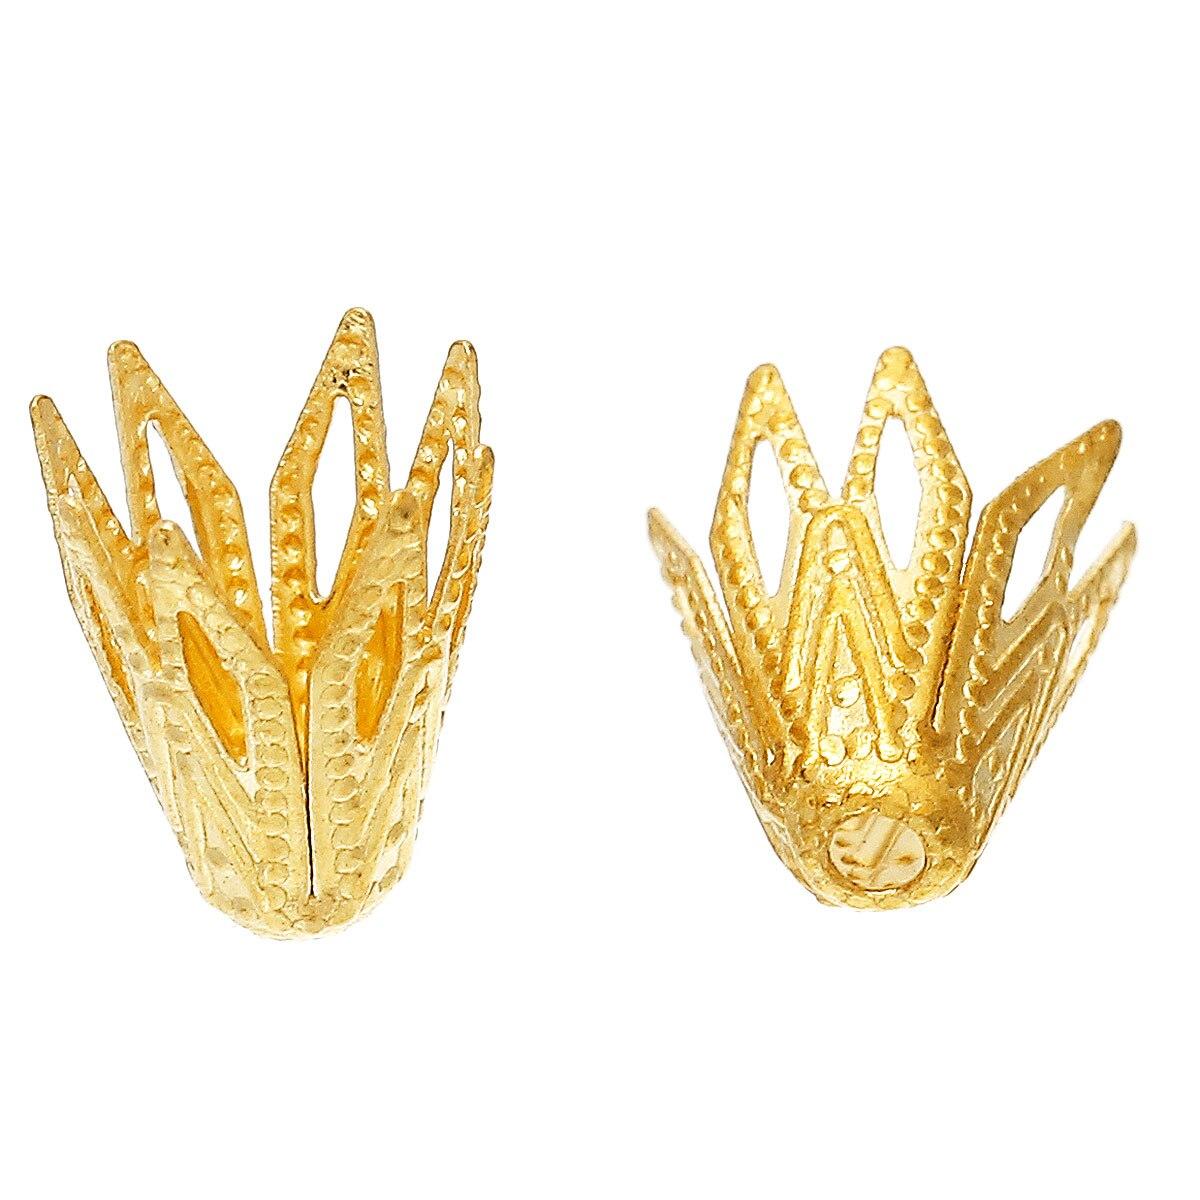 DoreenBeads Brass Beads Caps Findings Flower Brass Tone Blank(Fits 8mm Beads)Hollow 8mm(3/8)x 7mm(2/8),50 PCs 2015 new